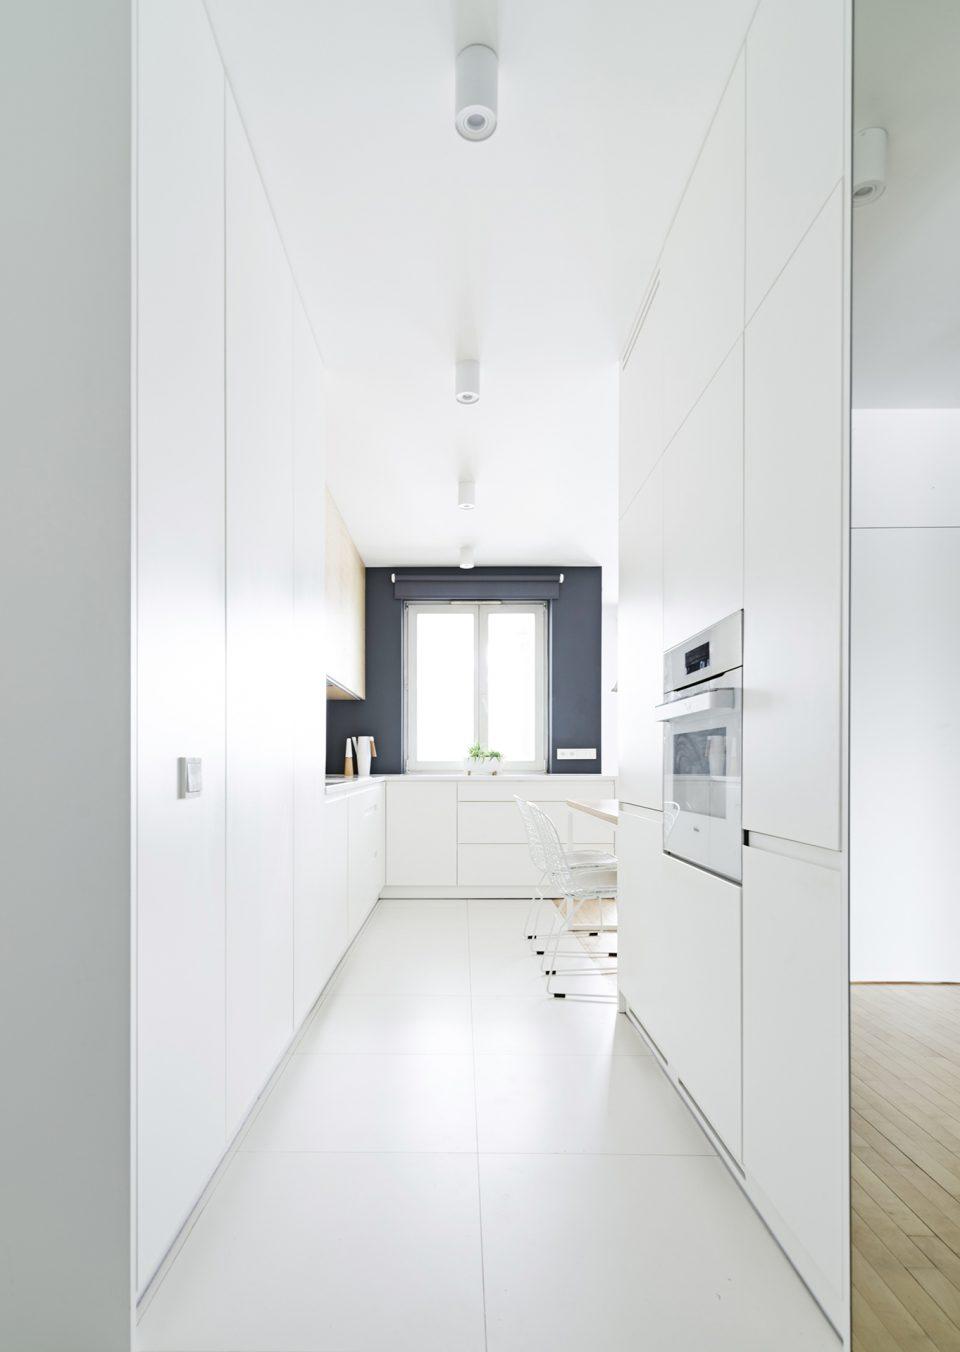 081-architekci-projekt-wnetrz-mieszkanie-szu-kuchnia_03